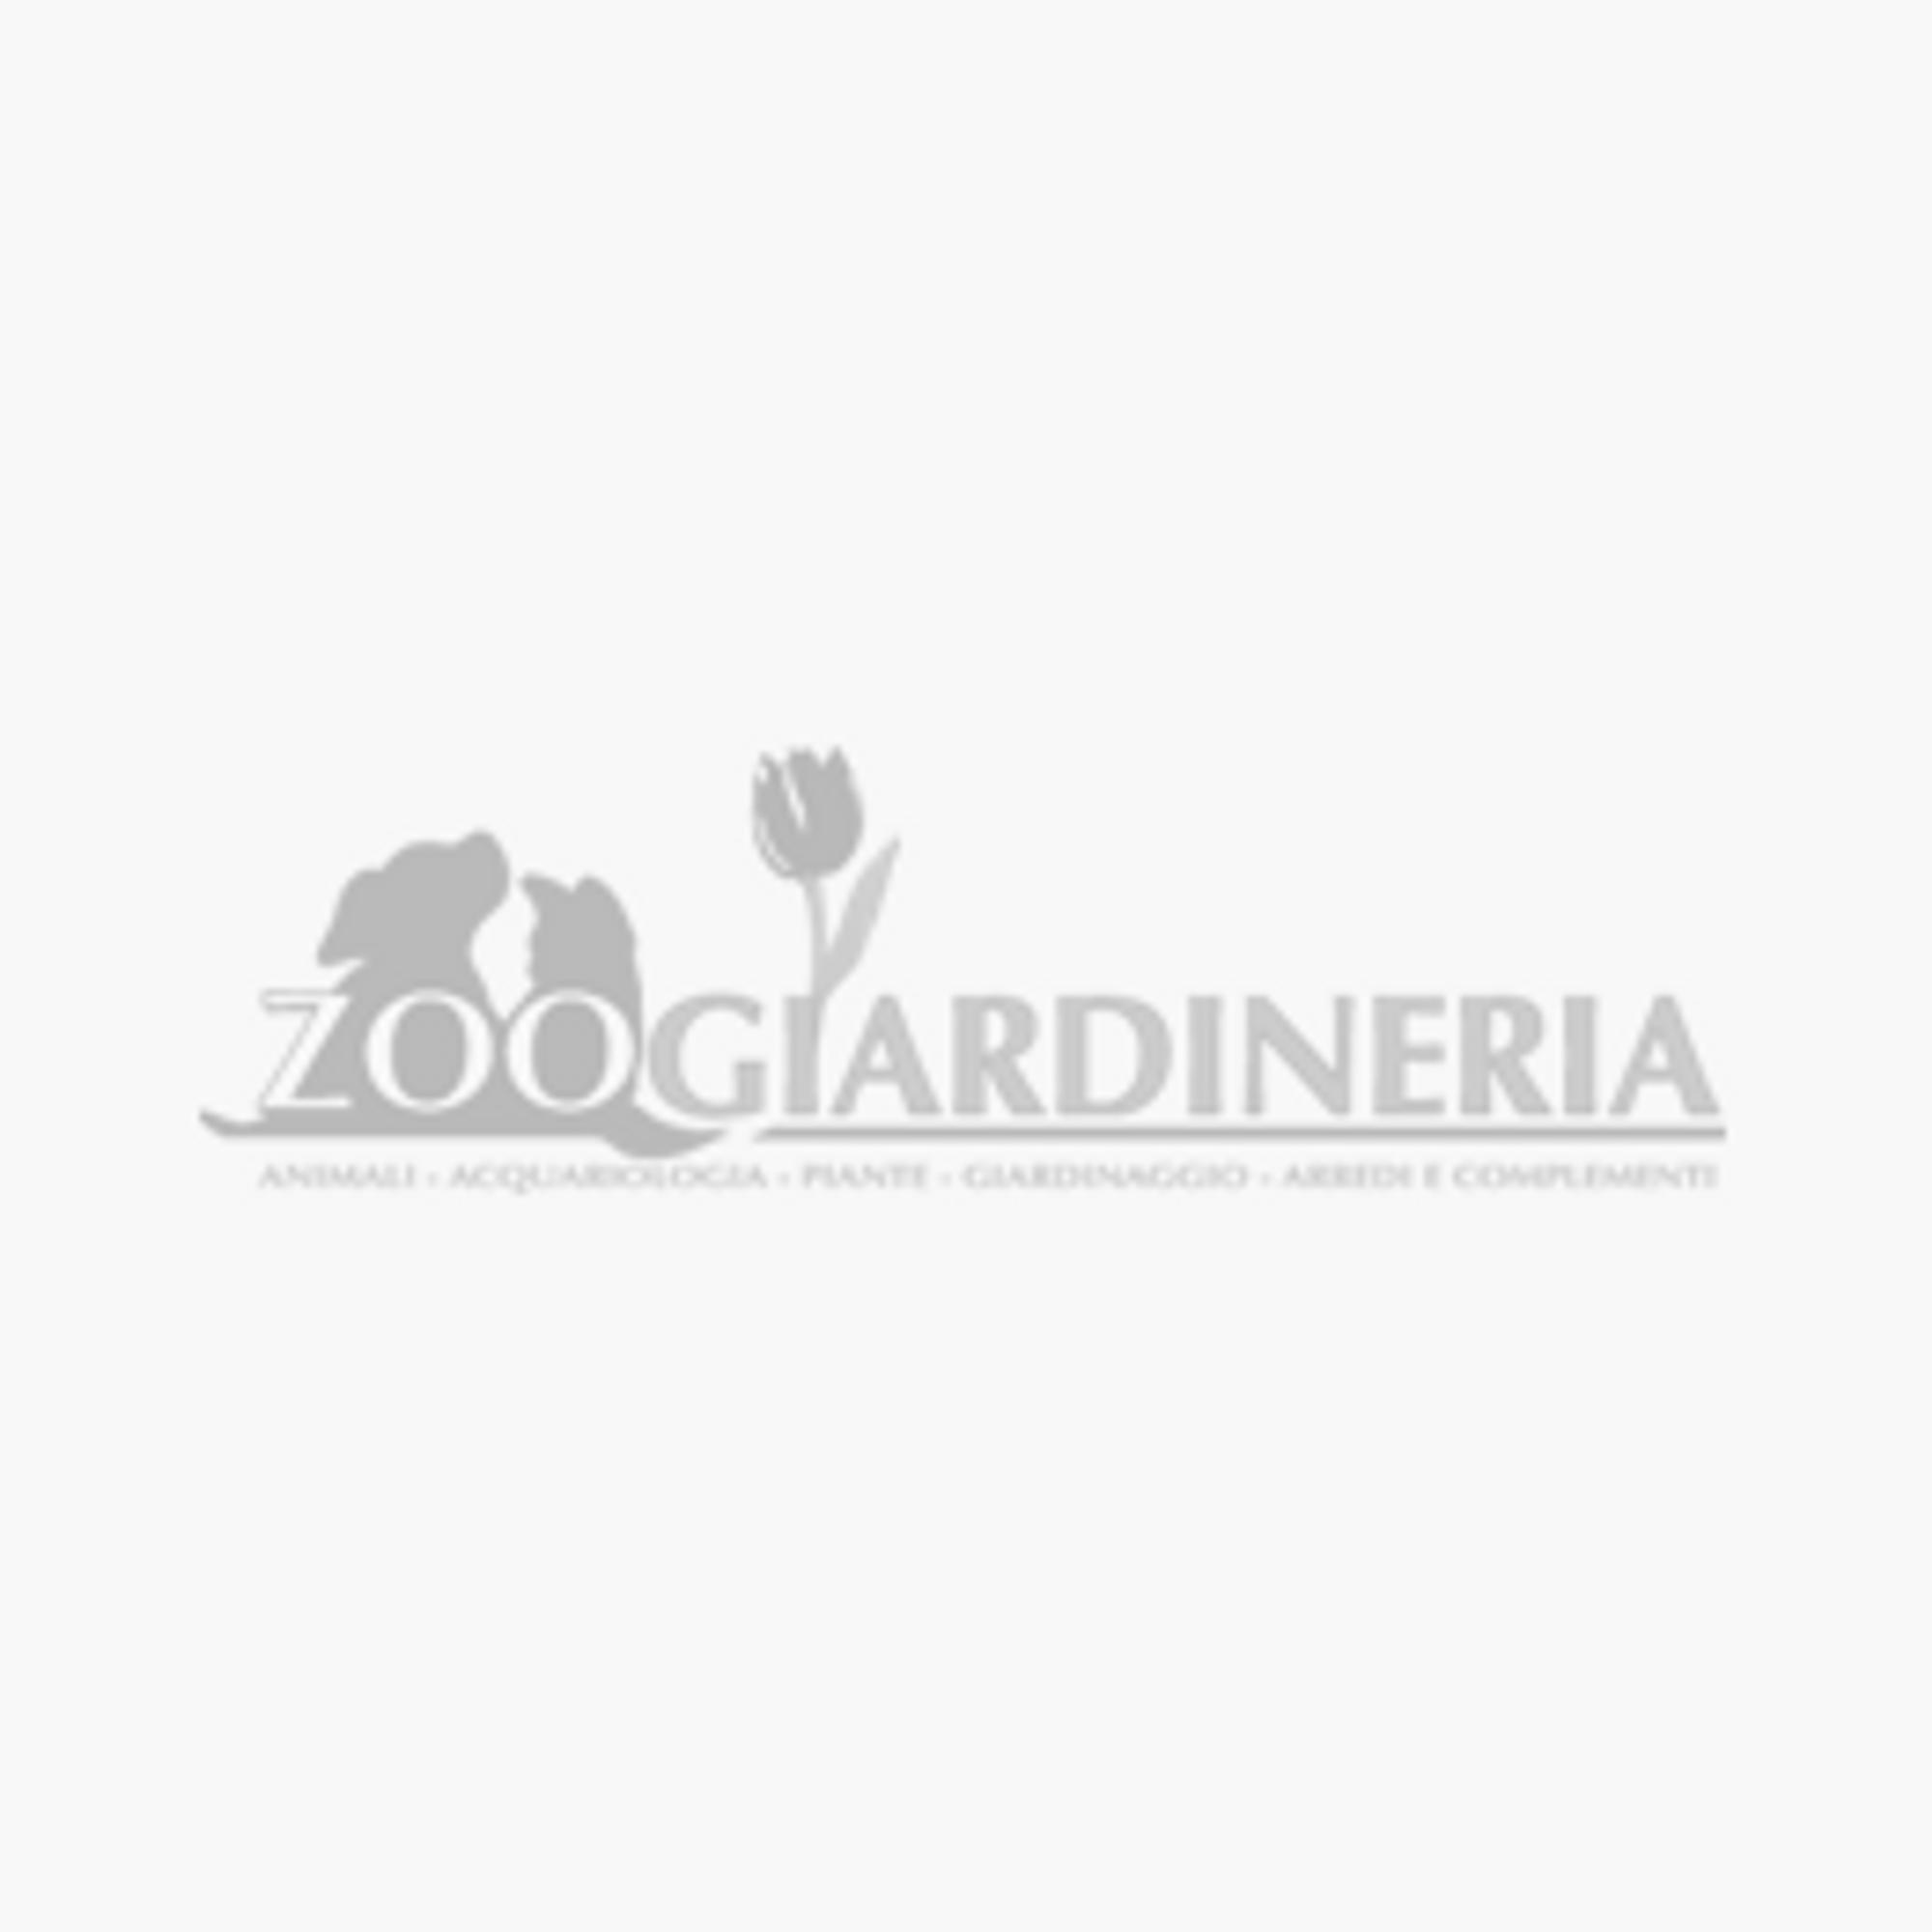 Stocker Pompa a Pressione Color